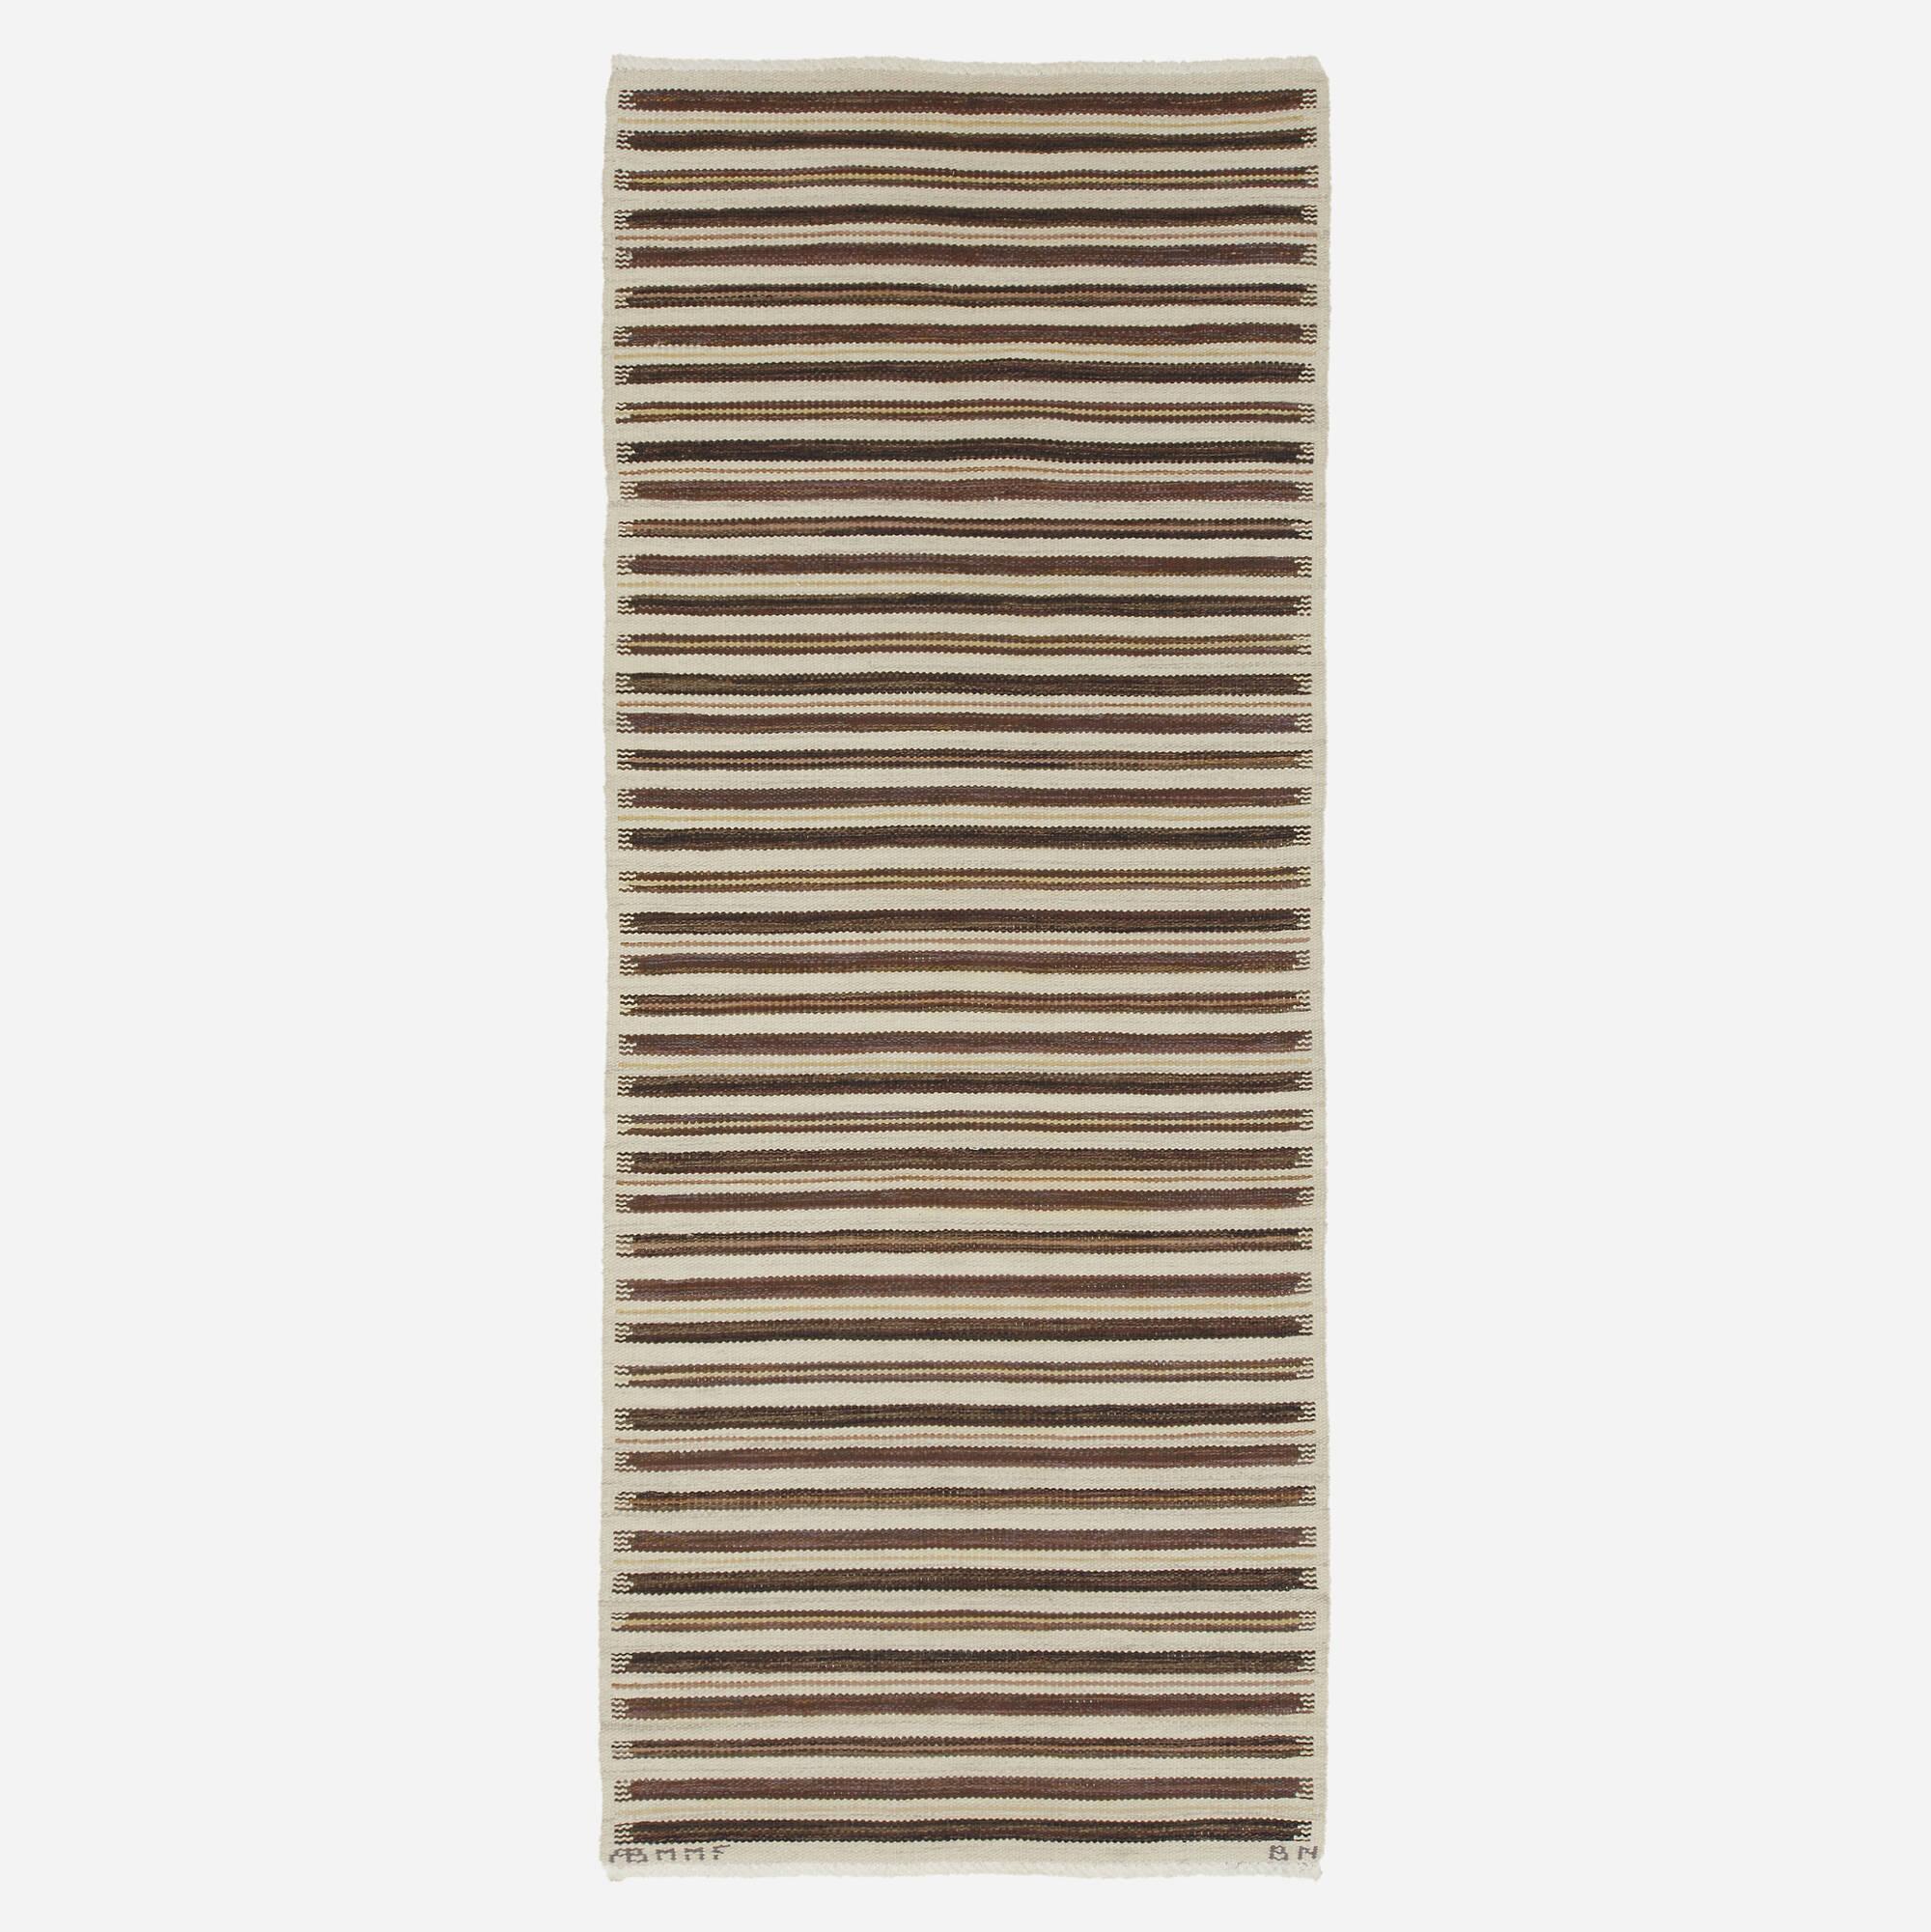 196: Barbro Nilsson / Randig Med Tvist flatweave carpet (1 of 1)